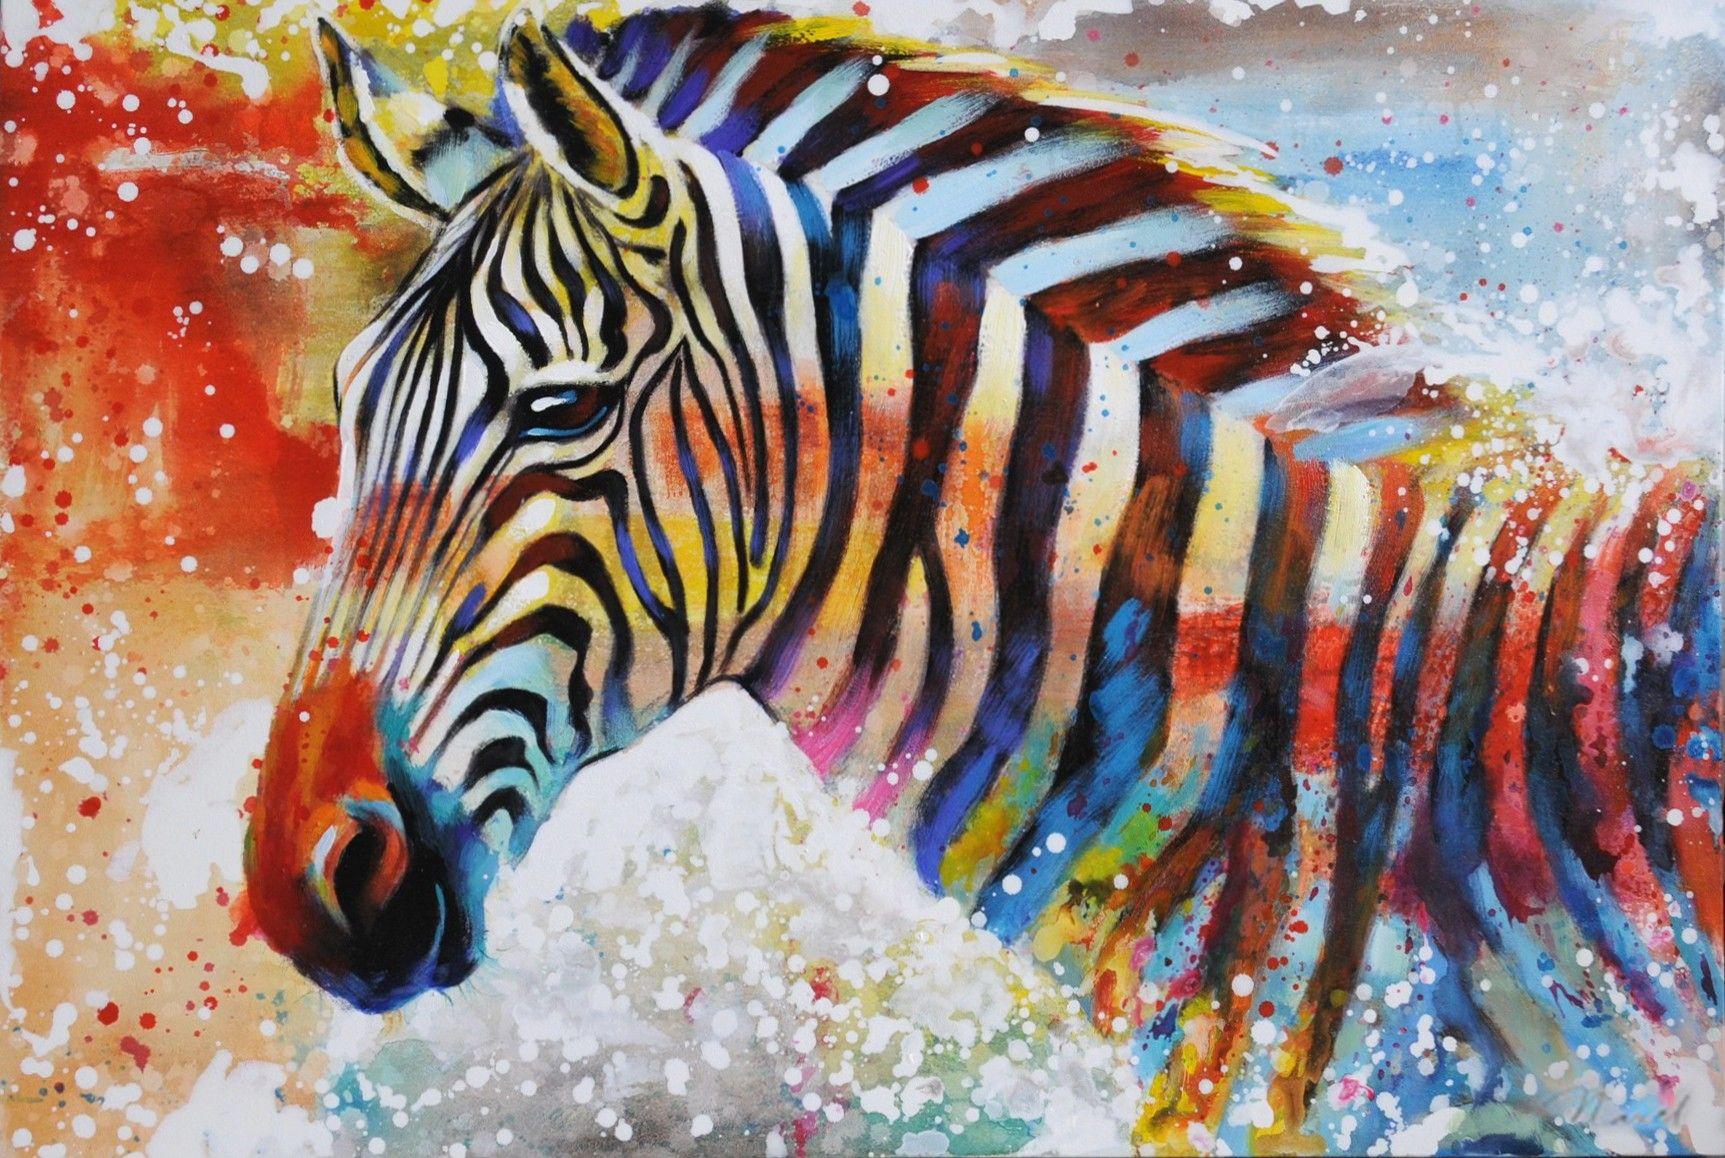 Zebra dieren schilderij | wildlife | Pinterest | Gifs, Pinturas y Arte